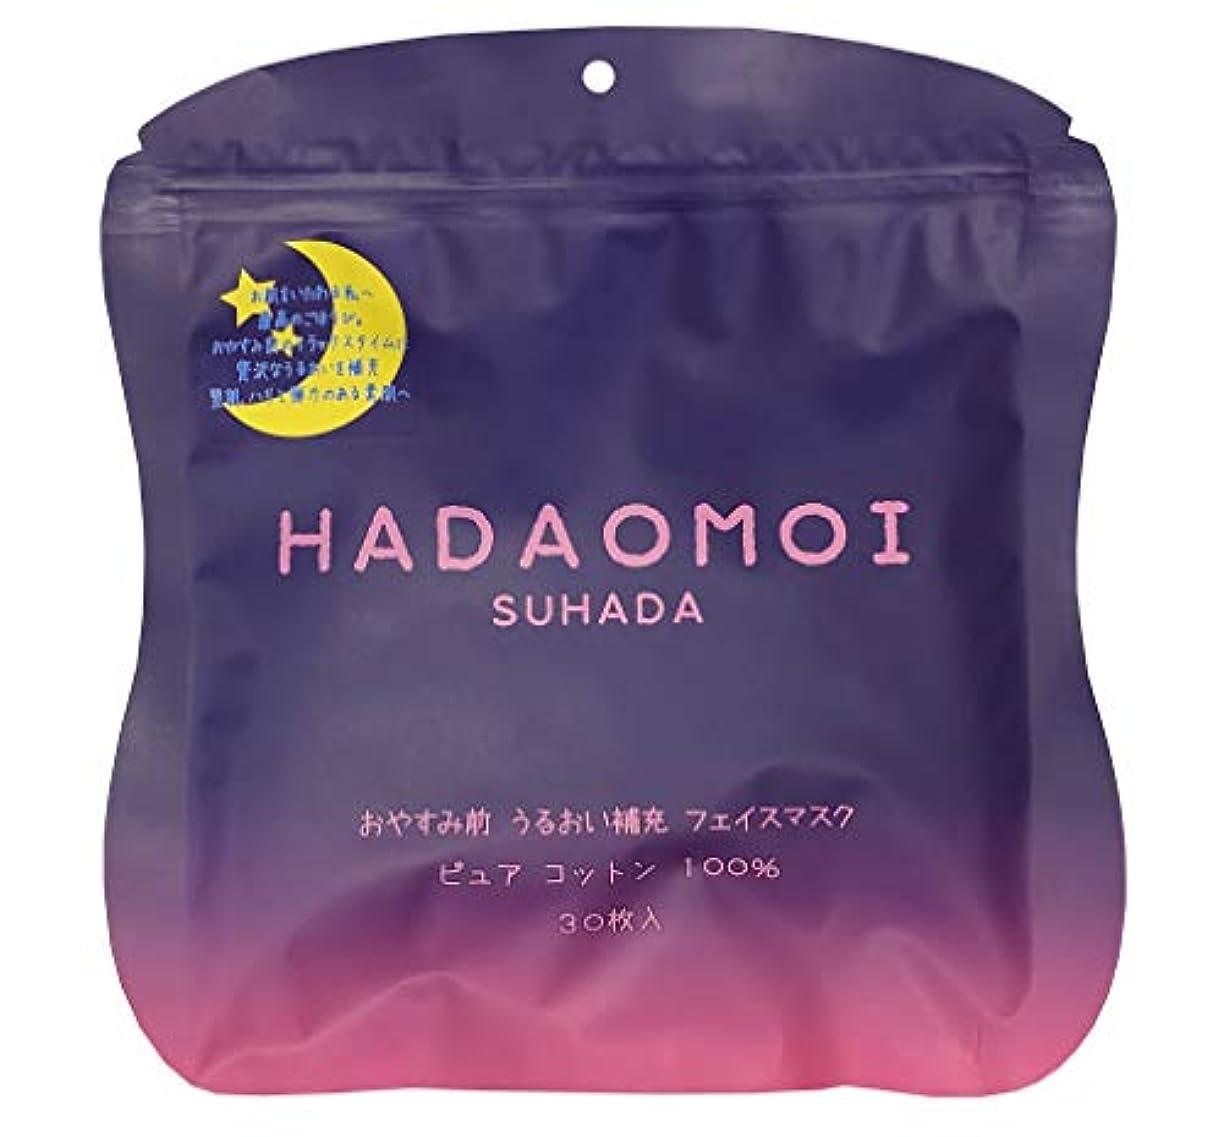 温かい離れて瞑想HADAOMOI(ハダオモイ) おやすみ前 うるおい補充 フェイスマスク 30枚入